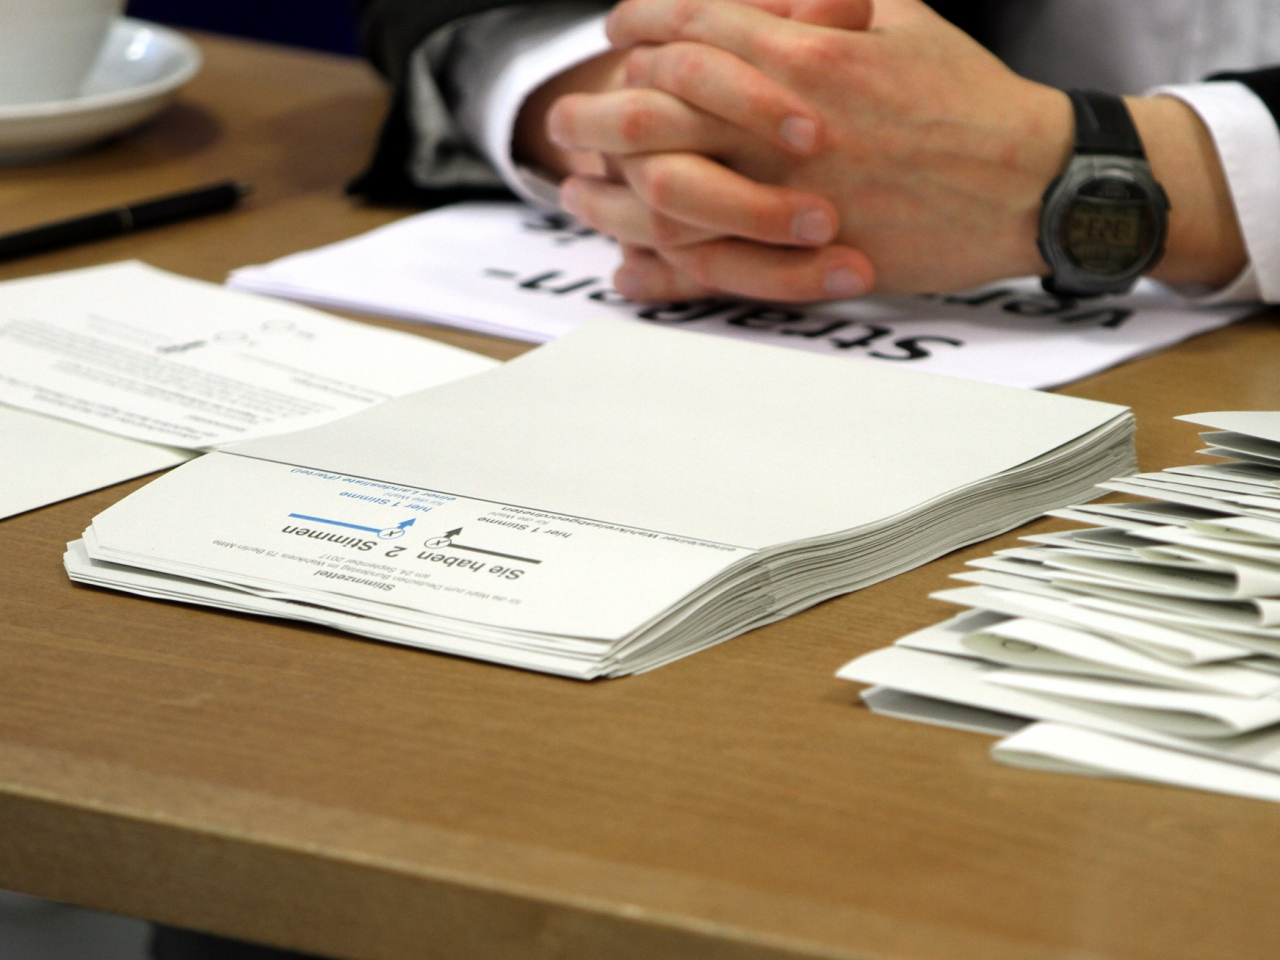 Bundeswahlleiter lässt Impfungen für Wahlhelfer prüfen